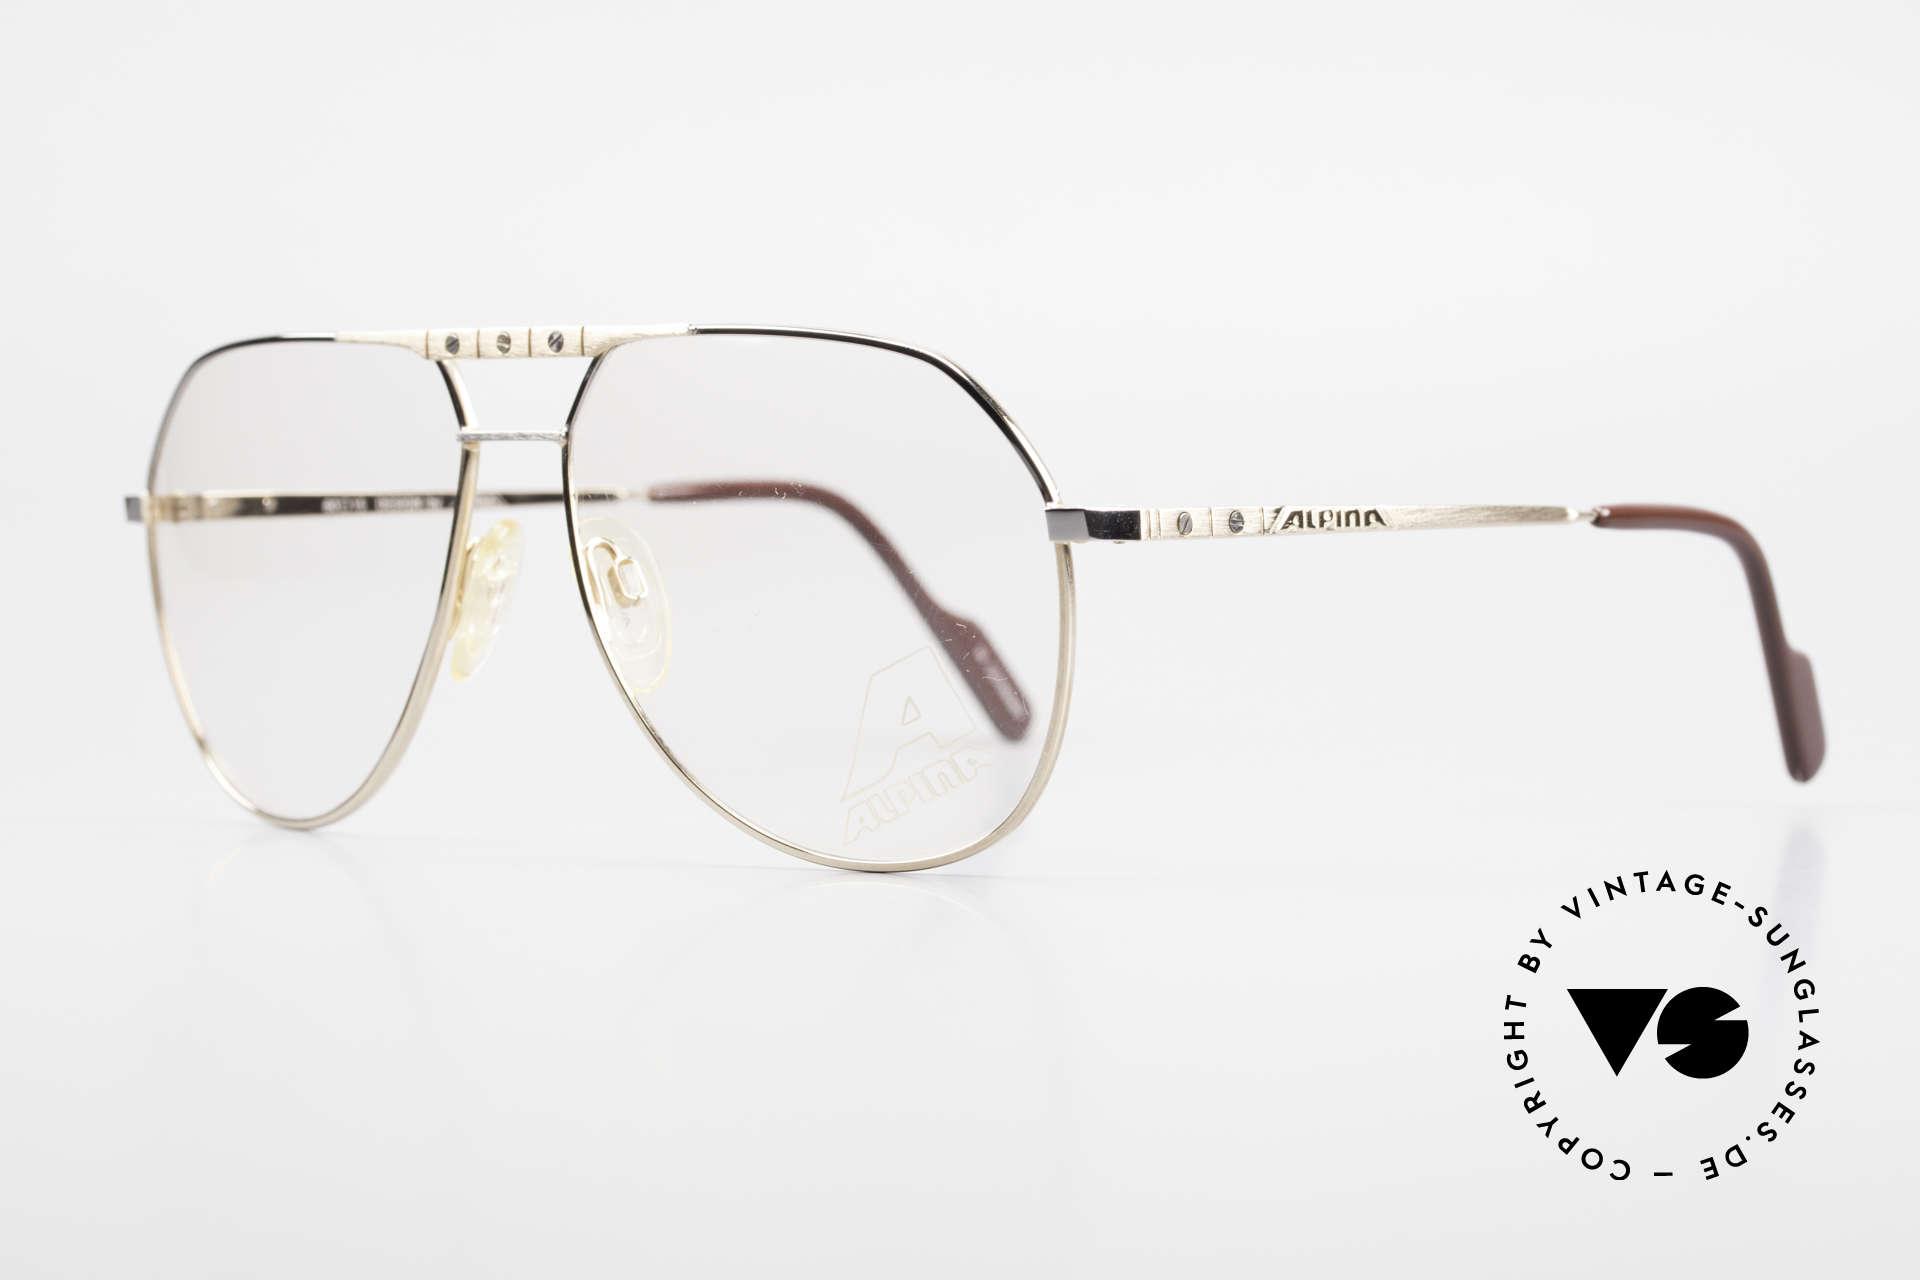 Alpina FM27 Alte Vintage Pilotenbrille 80er, mit den unverwechselbaren Alpina Zierschrauben, Passend für Herren